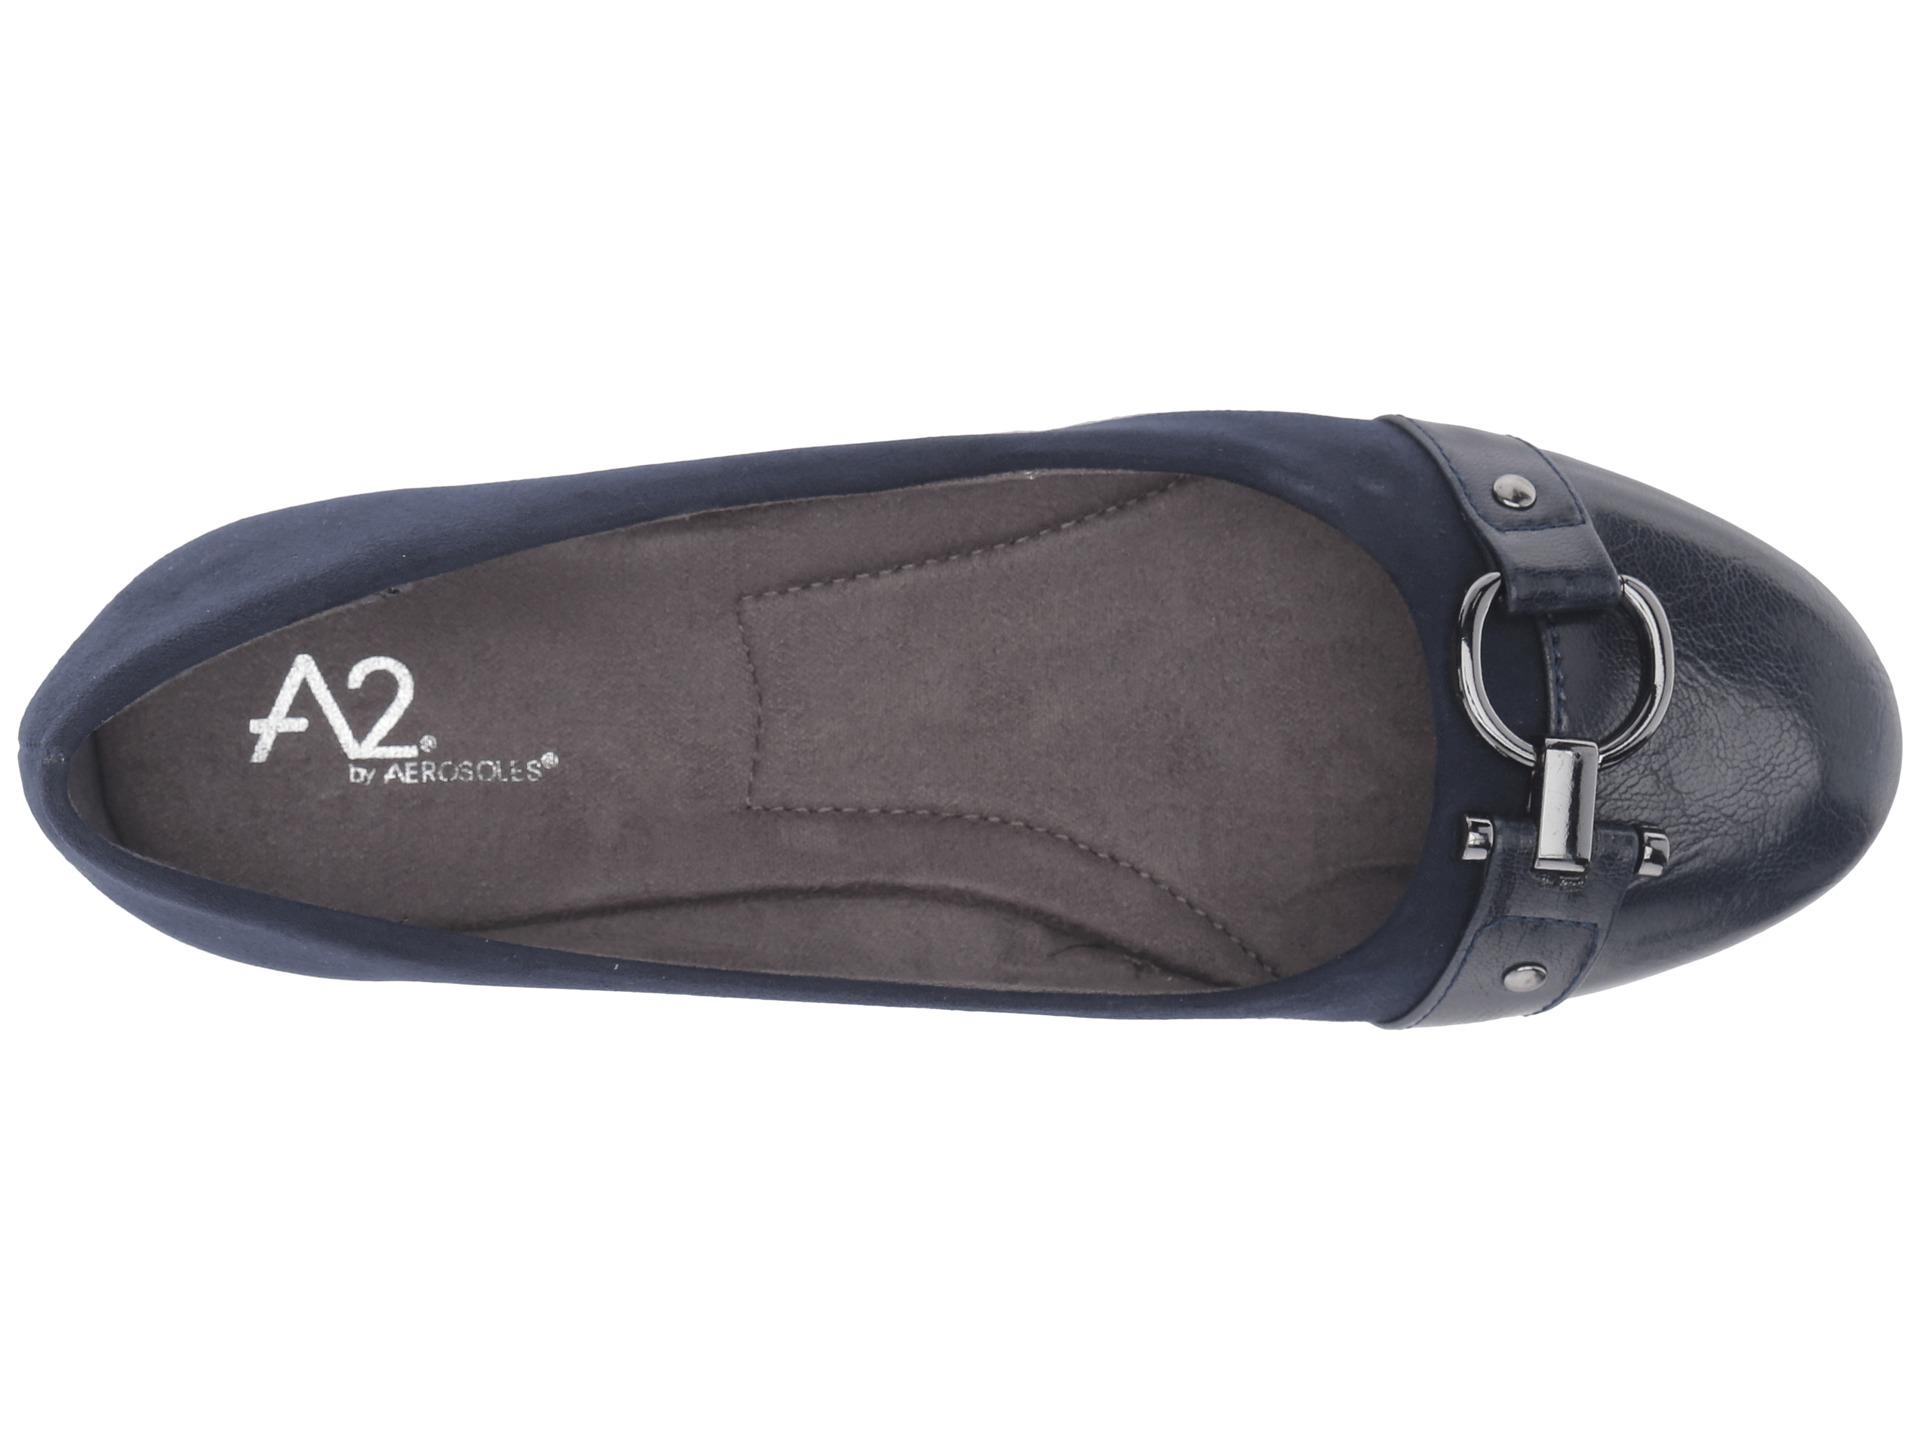 A2 by Aerosoles Ultrabrite at 6pm.com